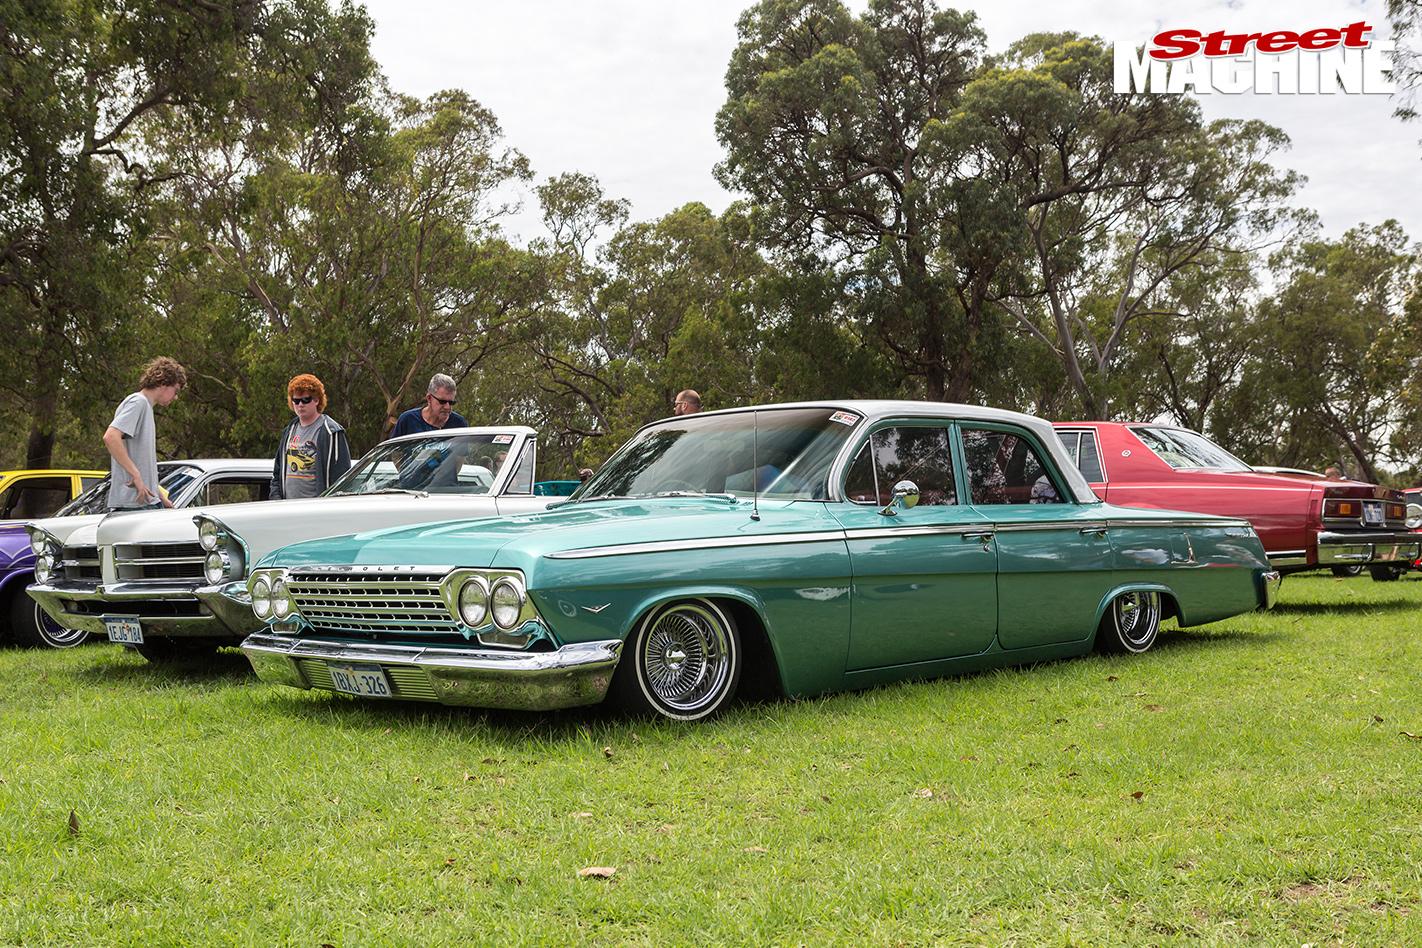 1962 Chevrolet bel air THE-FINAL-BIG-ALS-POKER-RUN-Caption -14-4907